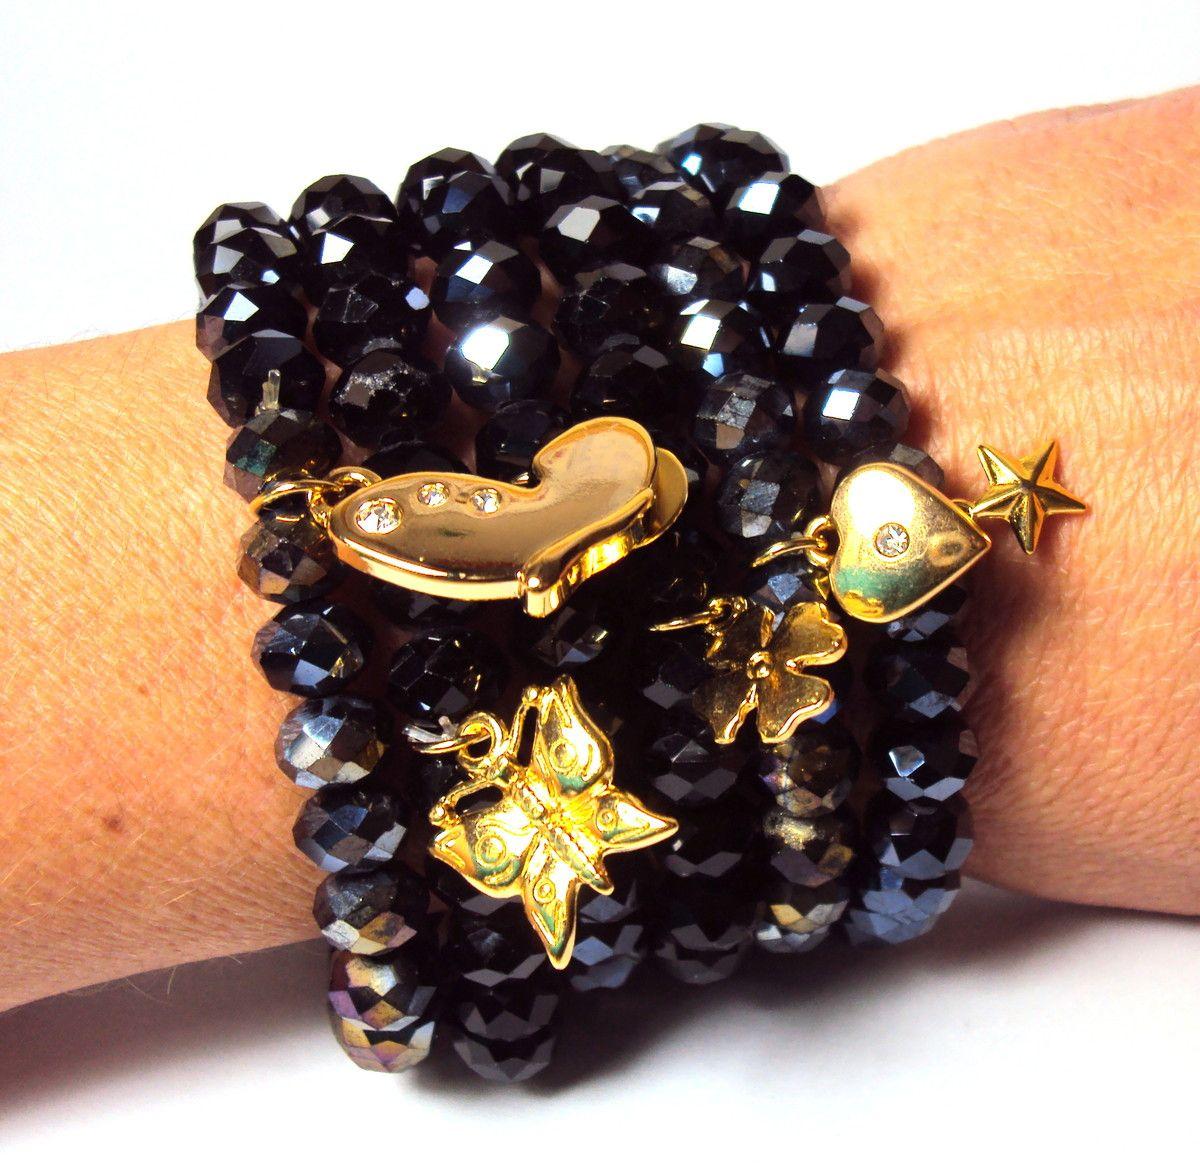 Conjunto com 6 pulseiras em cristal. <br>Delicados pingentes de trevo, estrelinha, borboleta e coraçãozinho que dão o charme nessa pulseira!